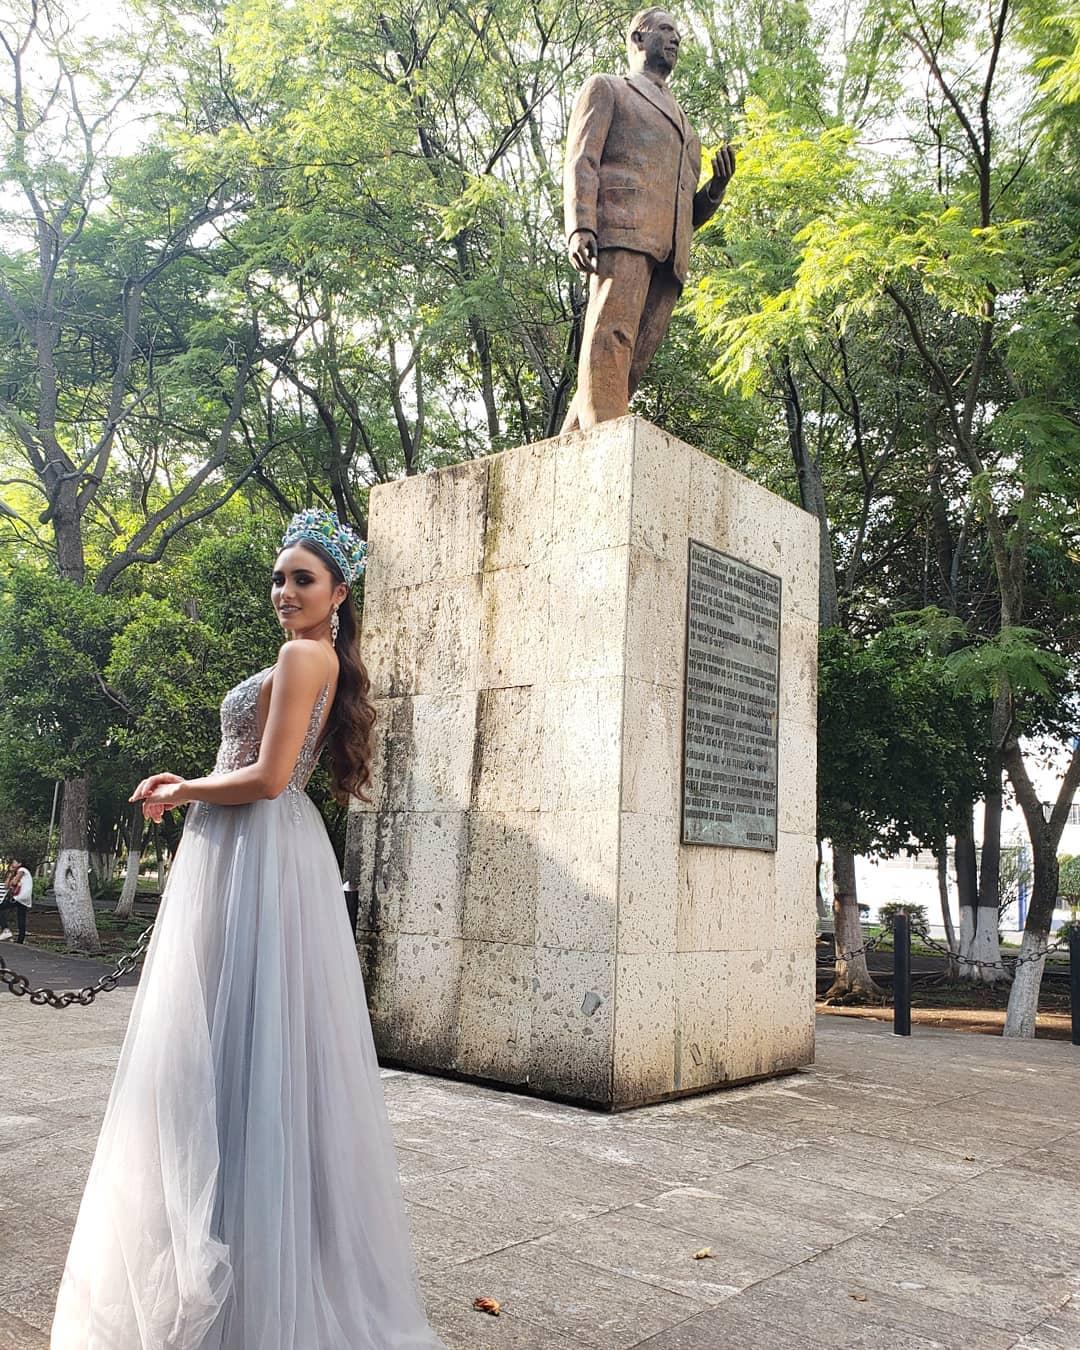 karolina vidales, candidata a miss mexico 2020, representando michoacan. - Página 6 70698911